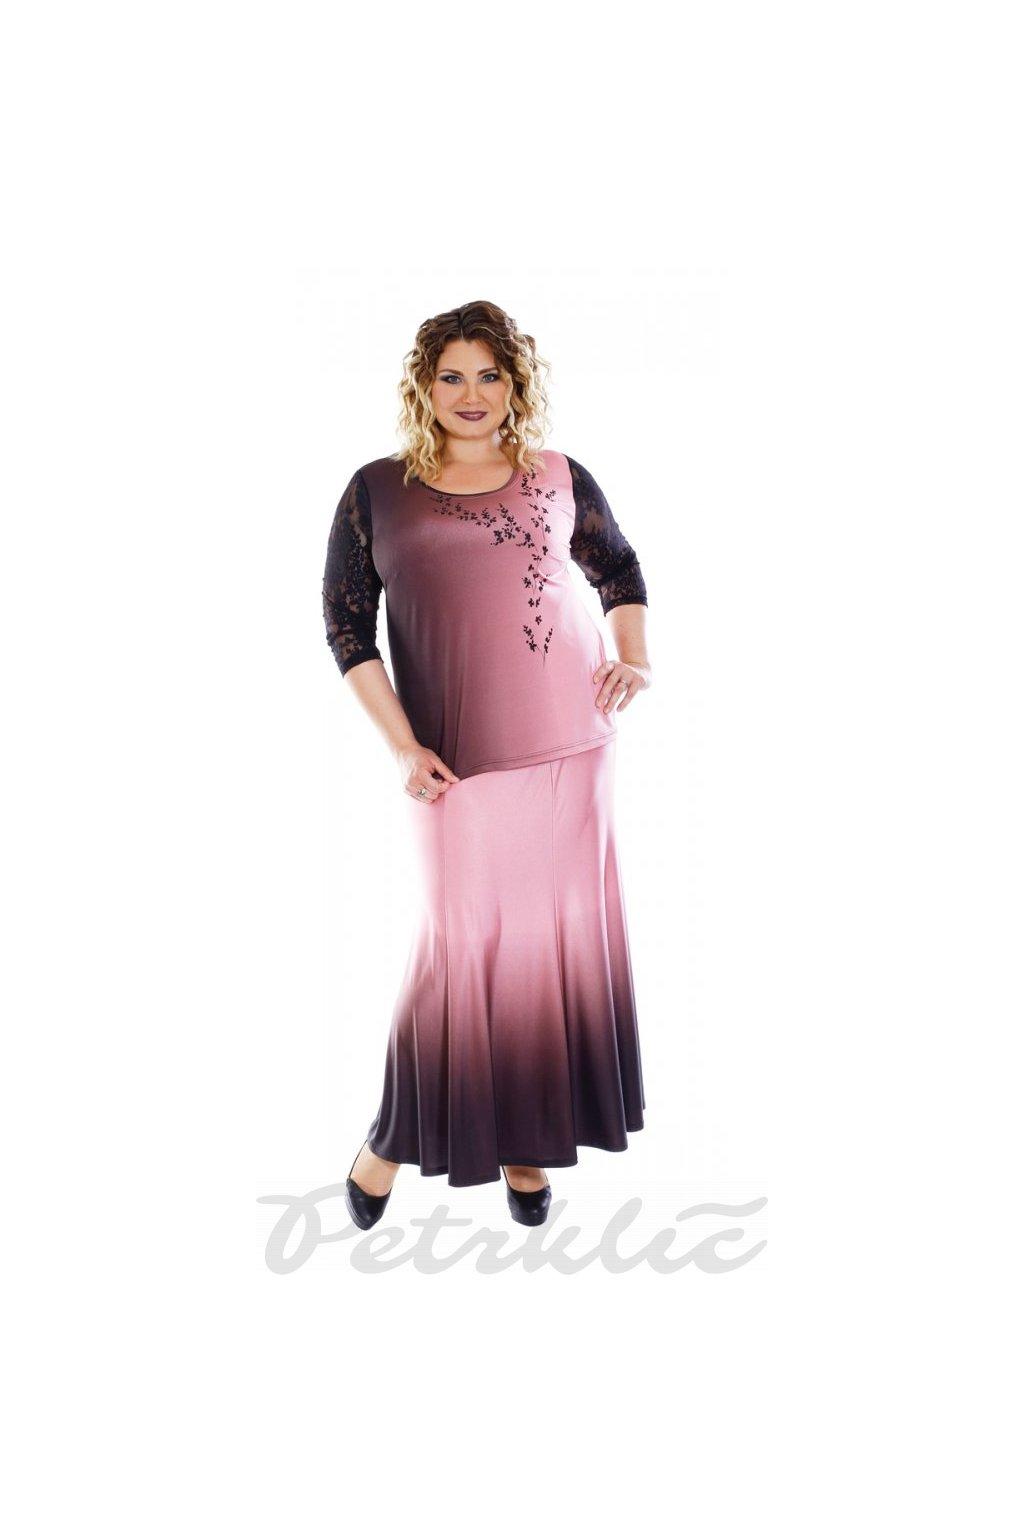 ALANA - sukně 80 - 85 cm